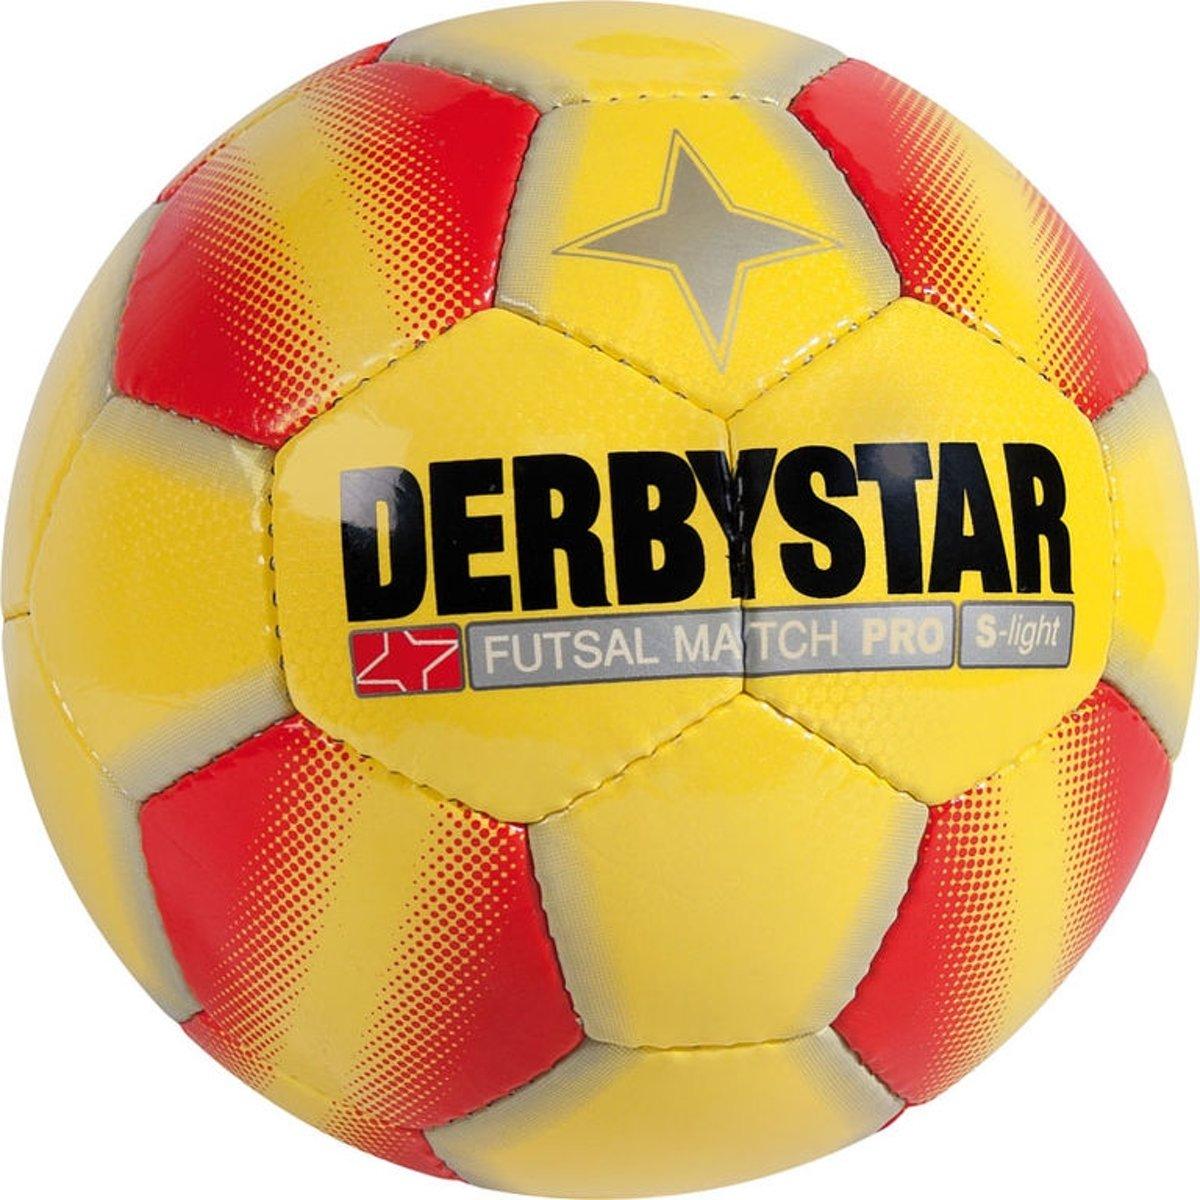 Derbystar Futsal Match S-Light